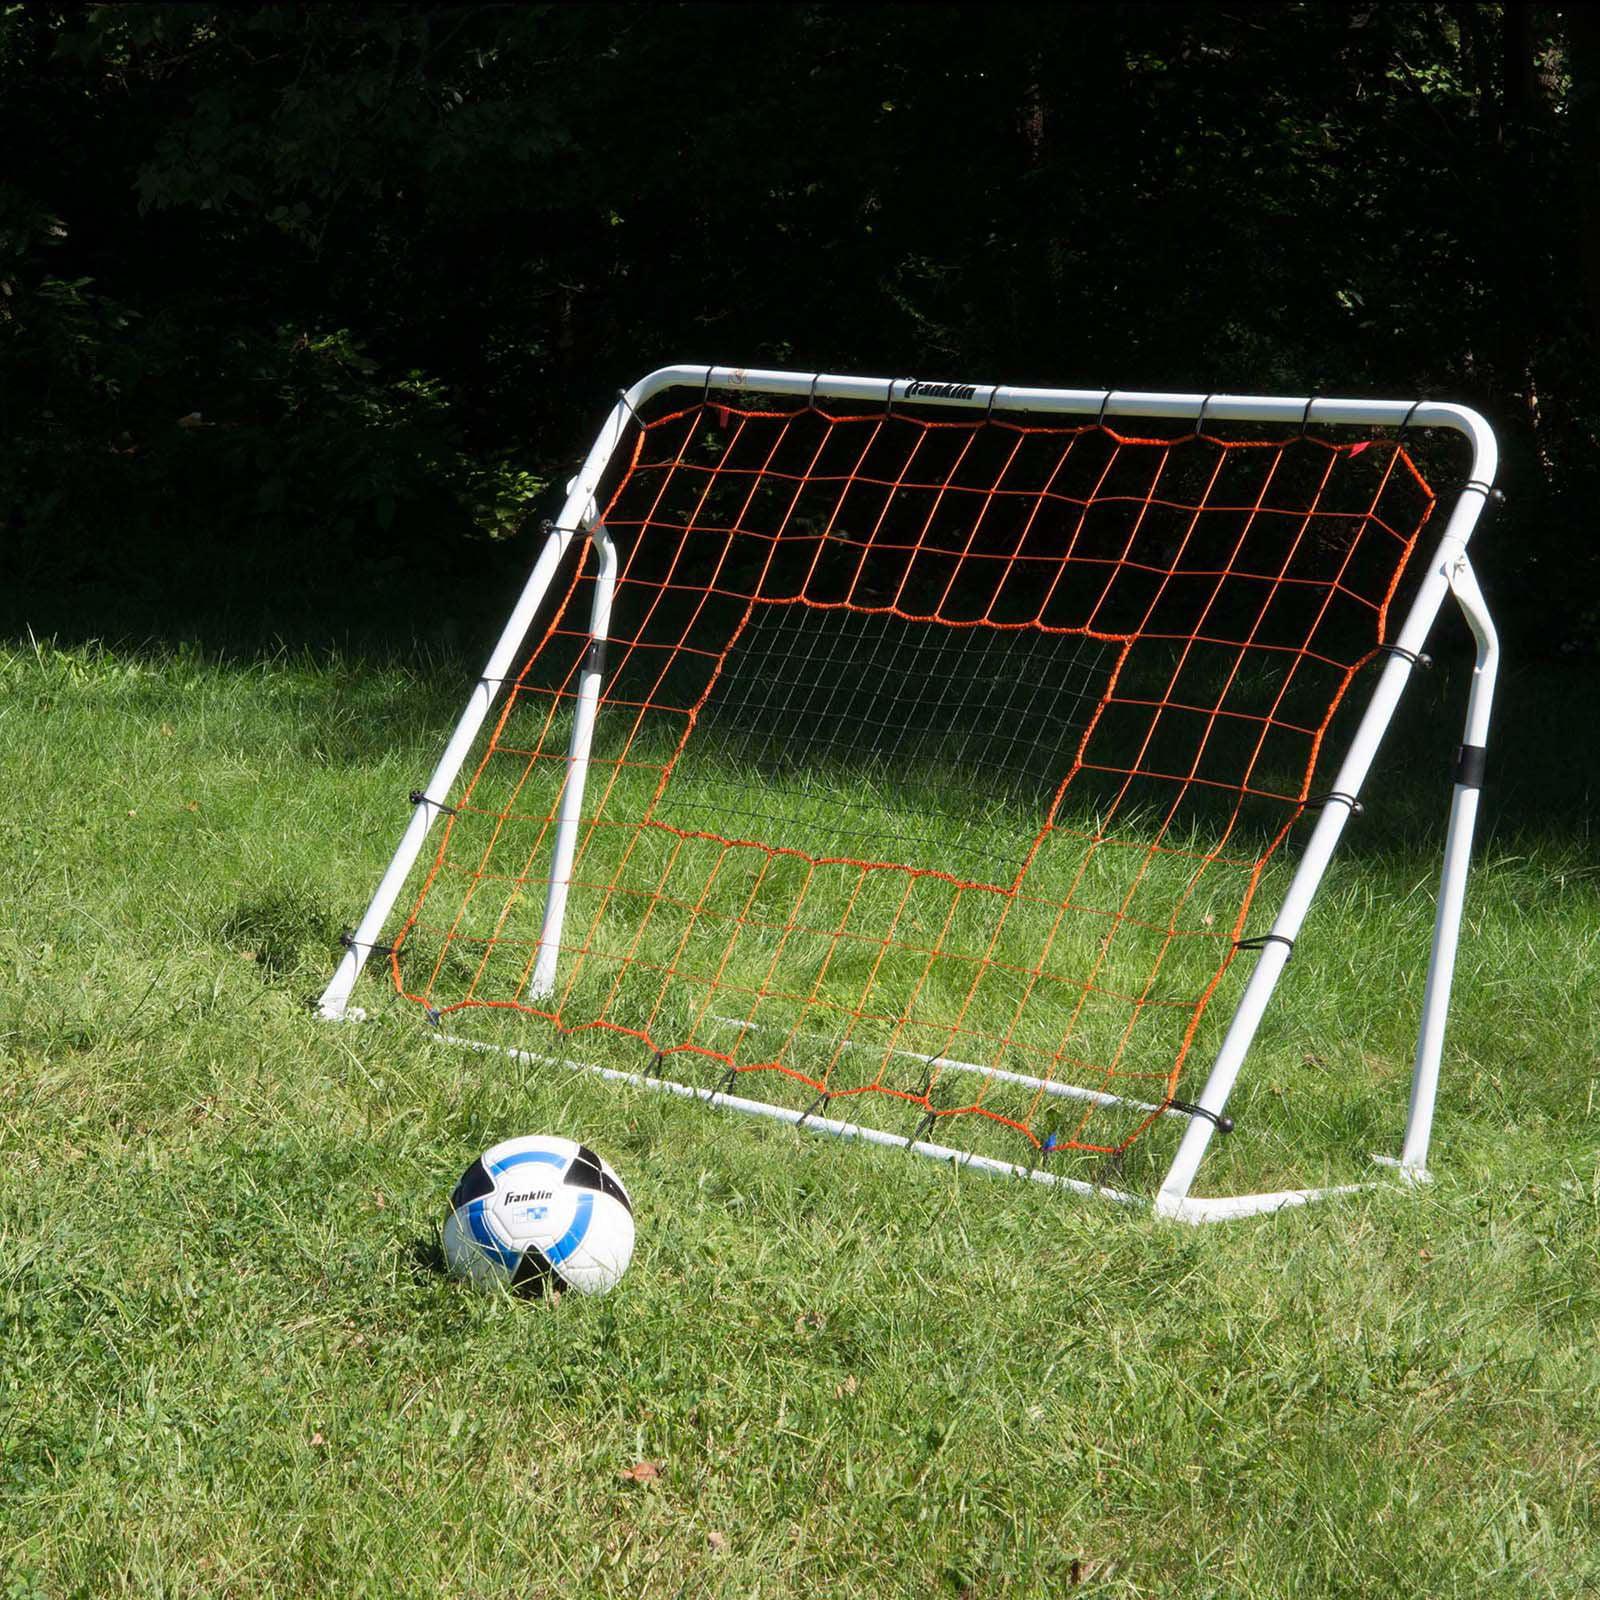 Franklin Adjustable Training Soccer Rebounder by Overstock